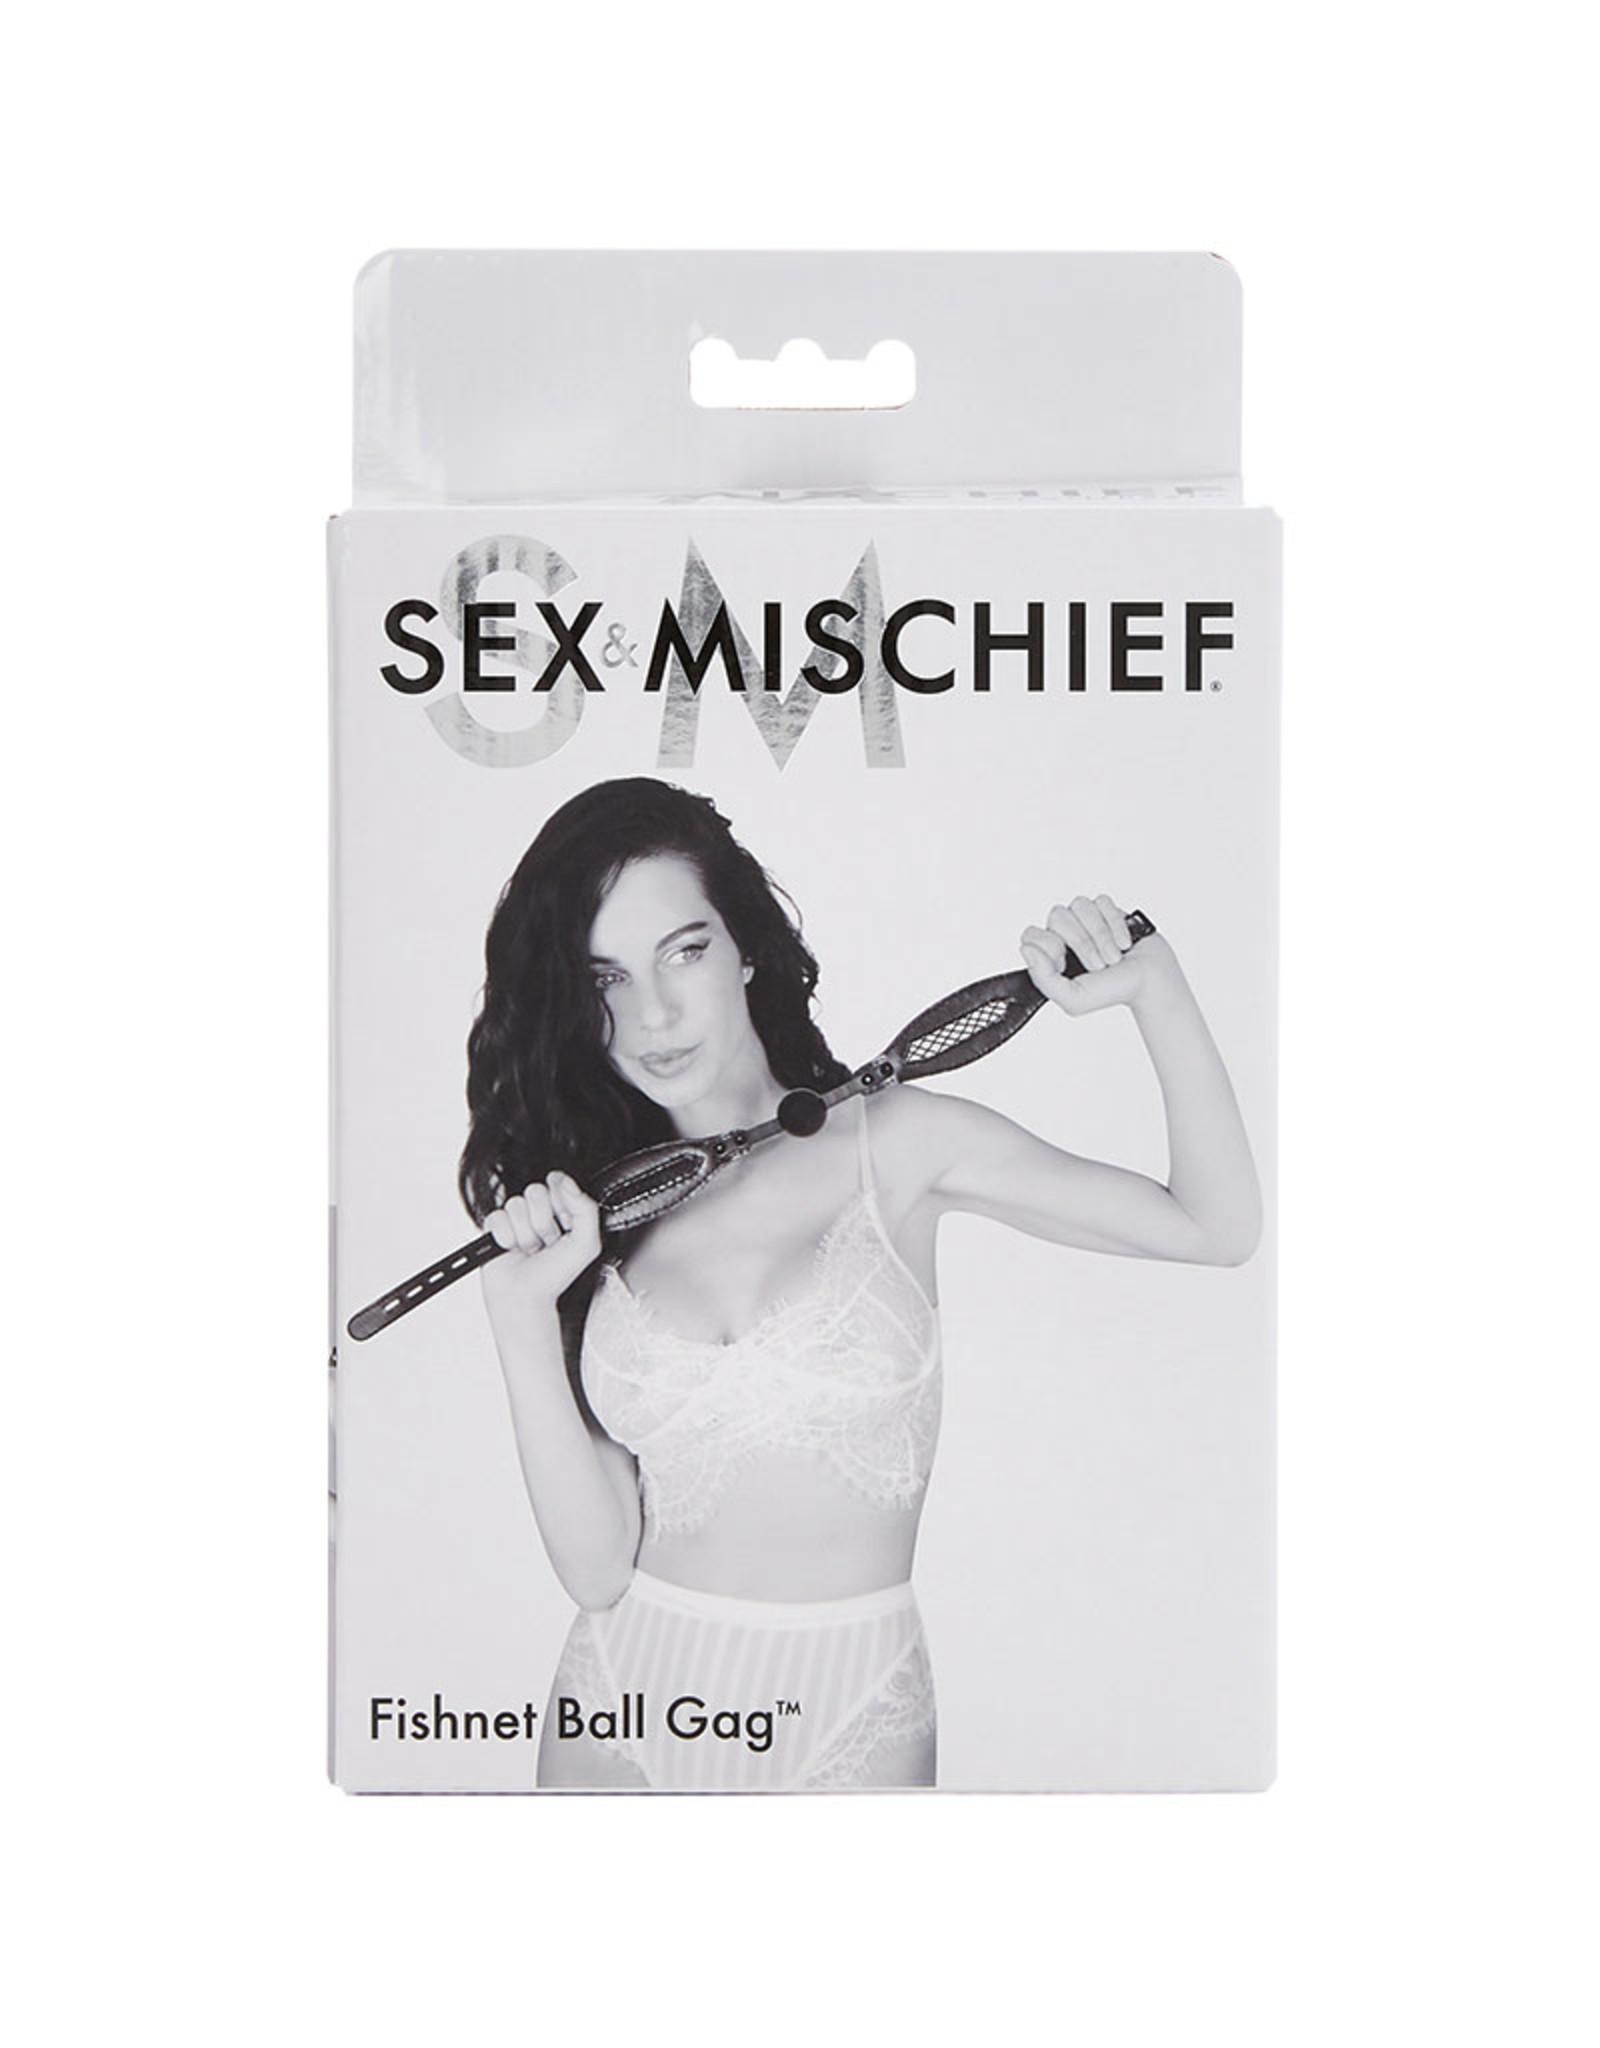 Sportsheets Sex & Mischief - Fishnet Ball Gag